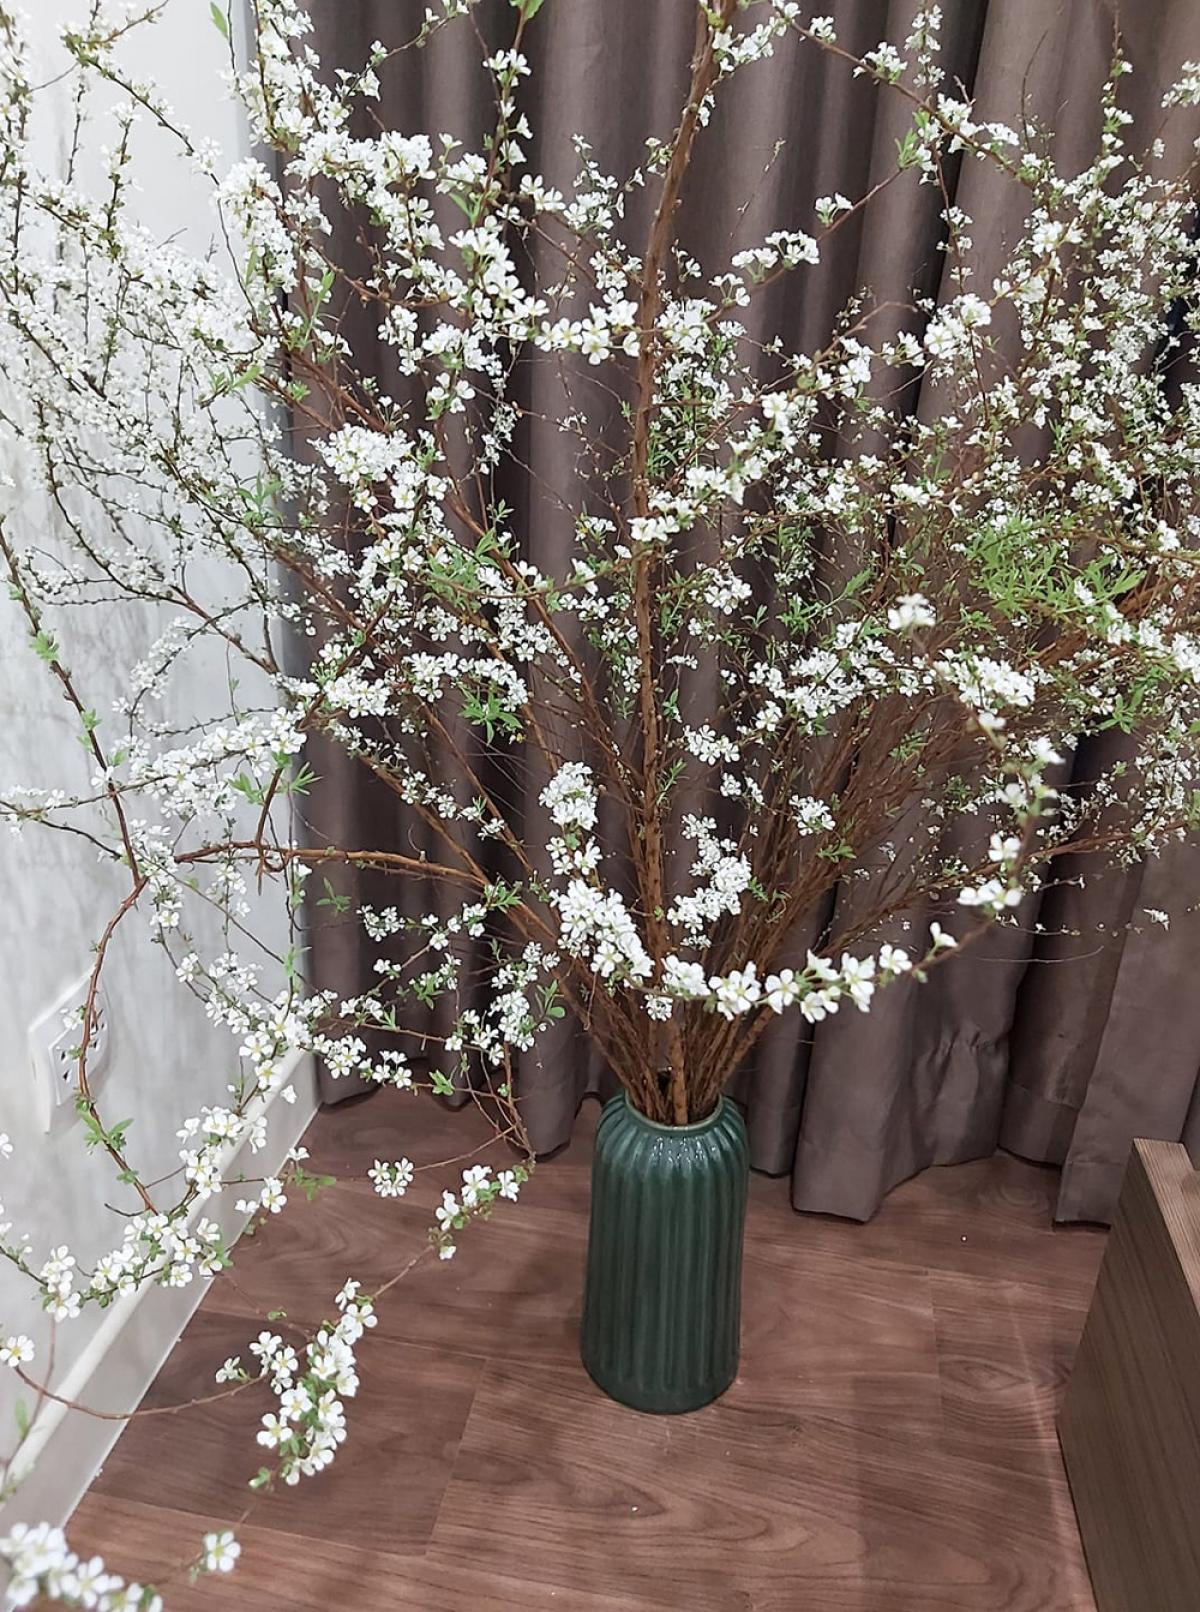 Mỗi cành tuyết mai có chiều dài khoảng 1 - 1,5m và trên thân có rất nhiều hoa và lộc. (Ảnh: KT)